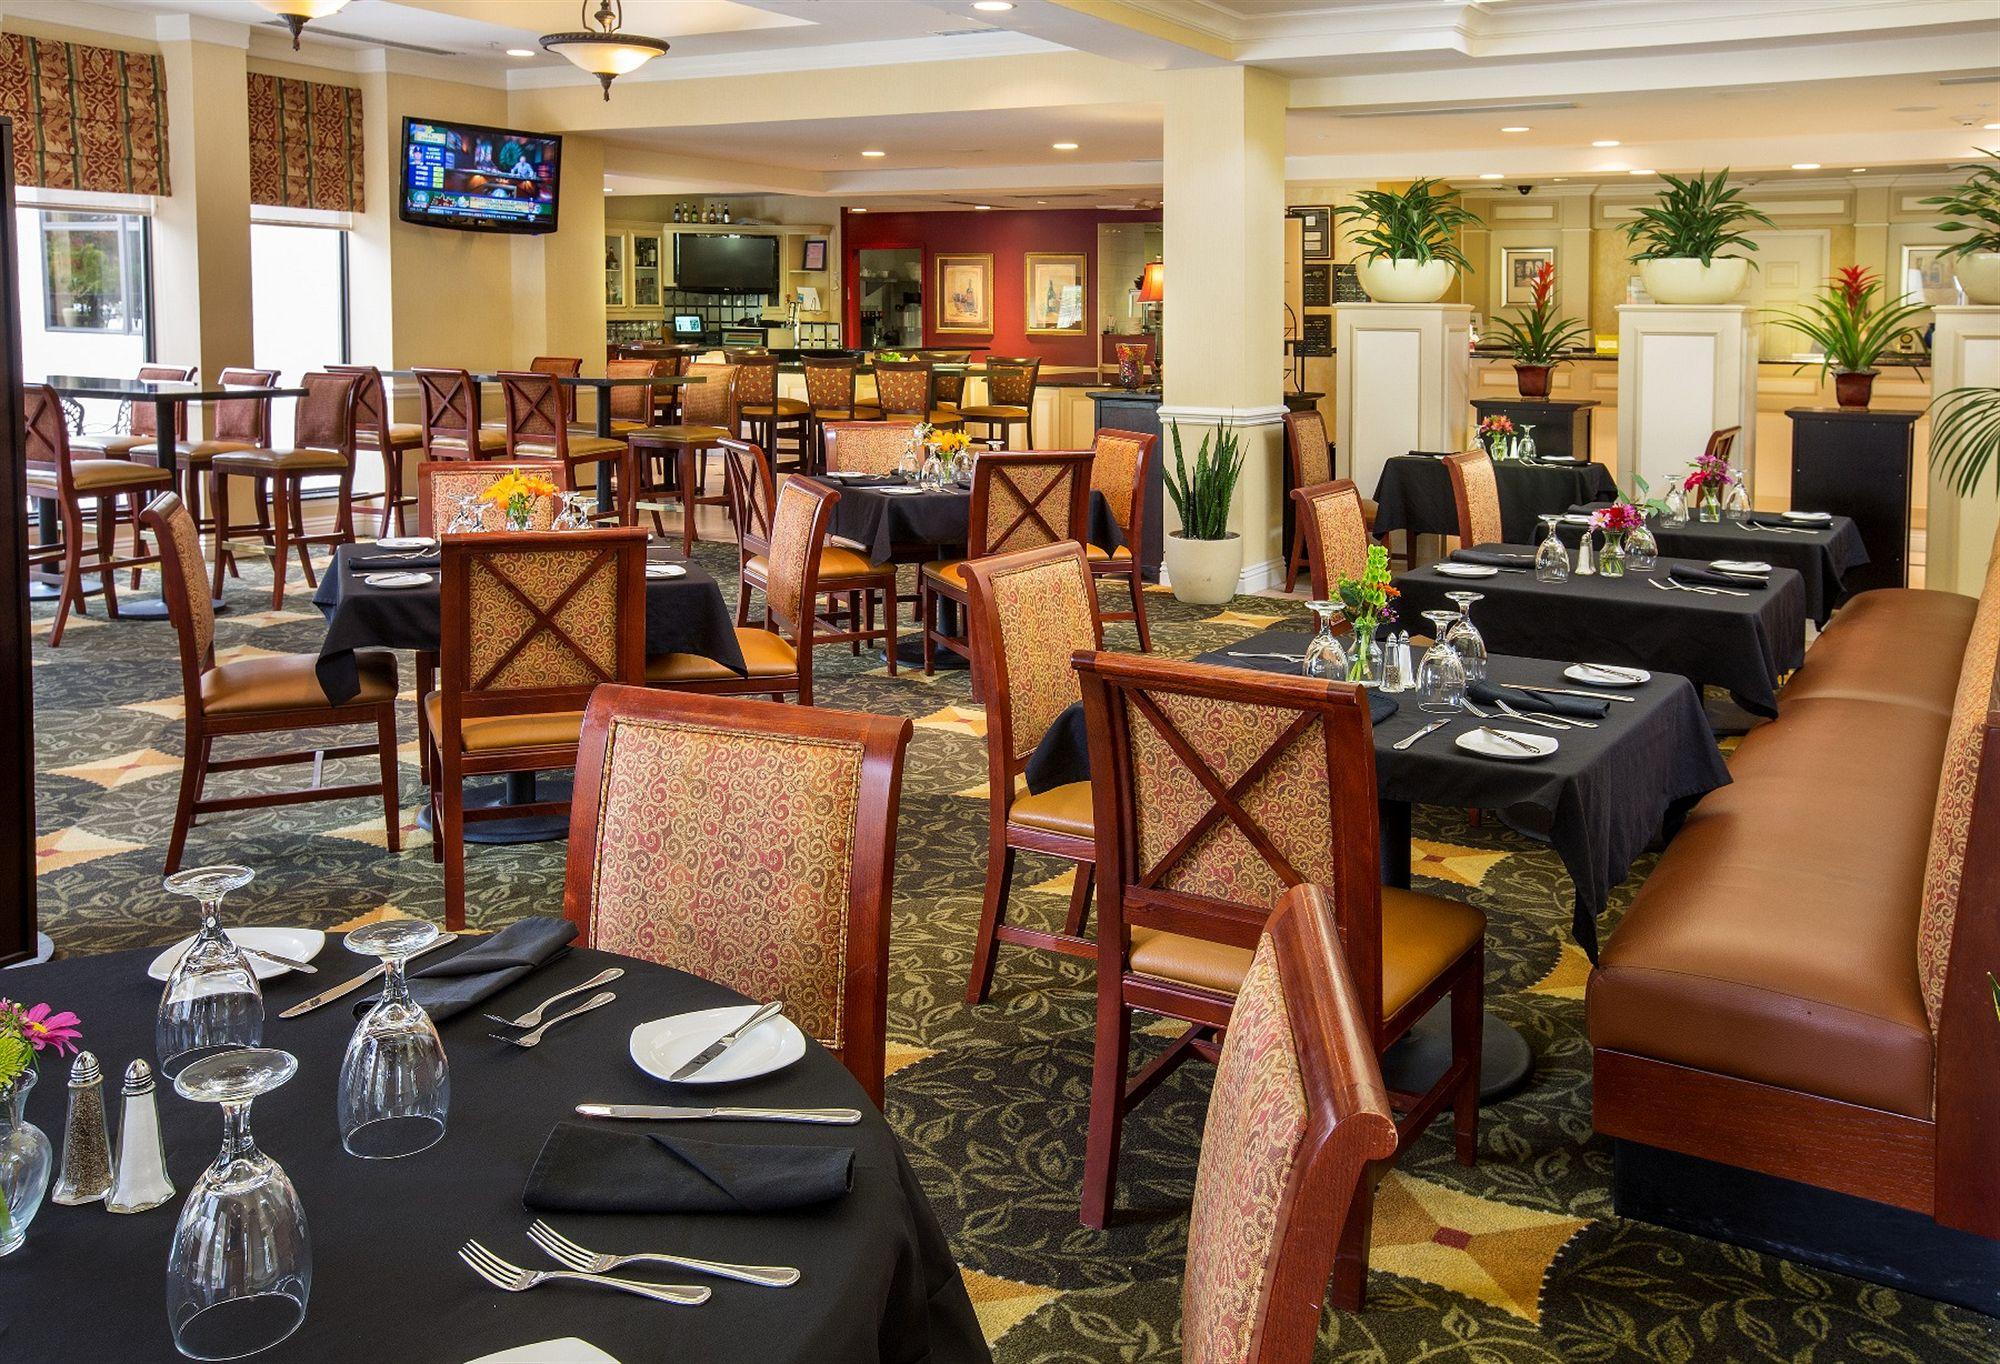 hilton garden inn san diego del mar in san diego - Hilton Garden Inn San Diego Del Mar